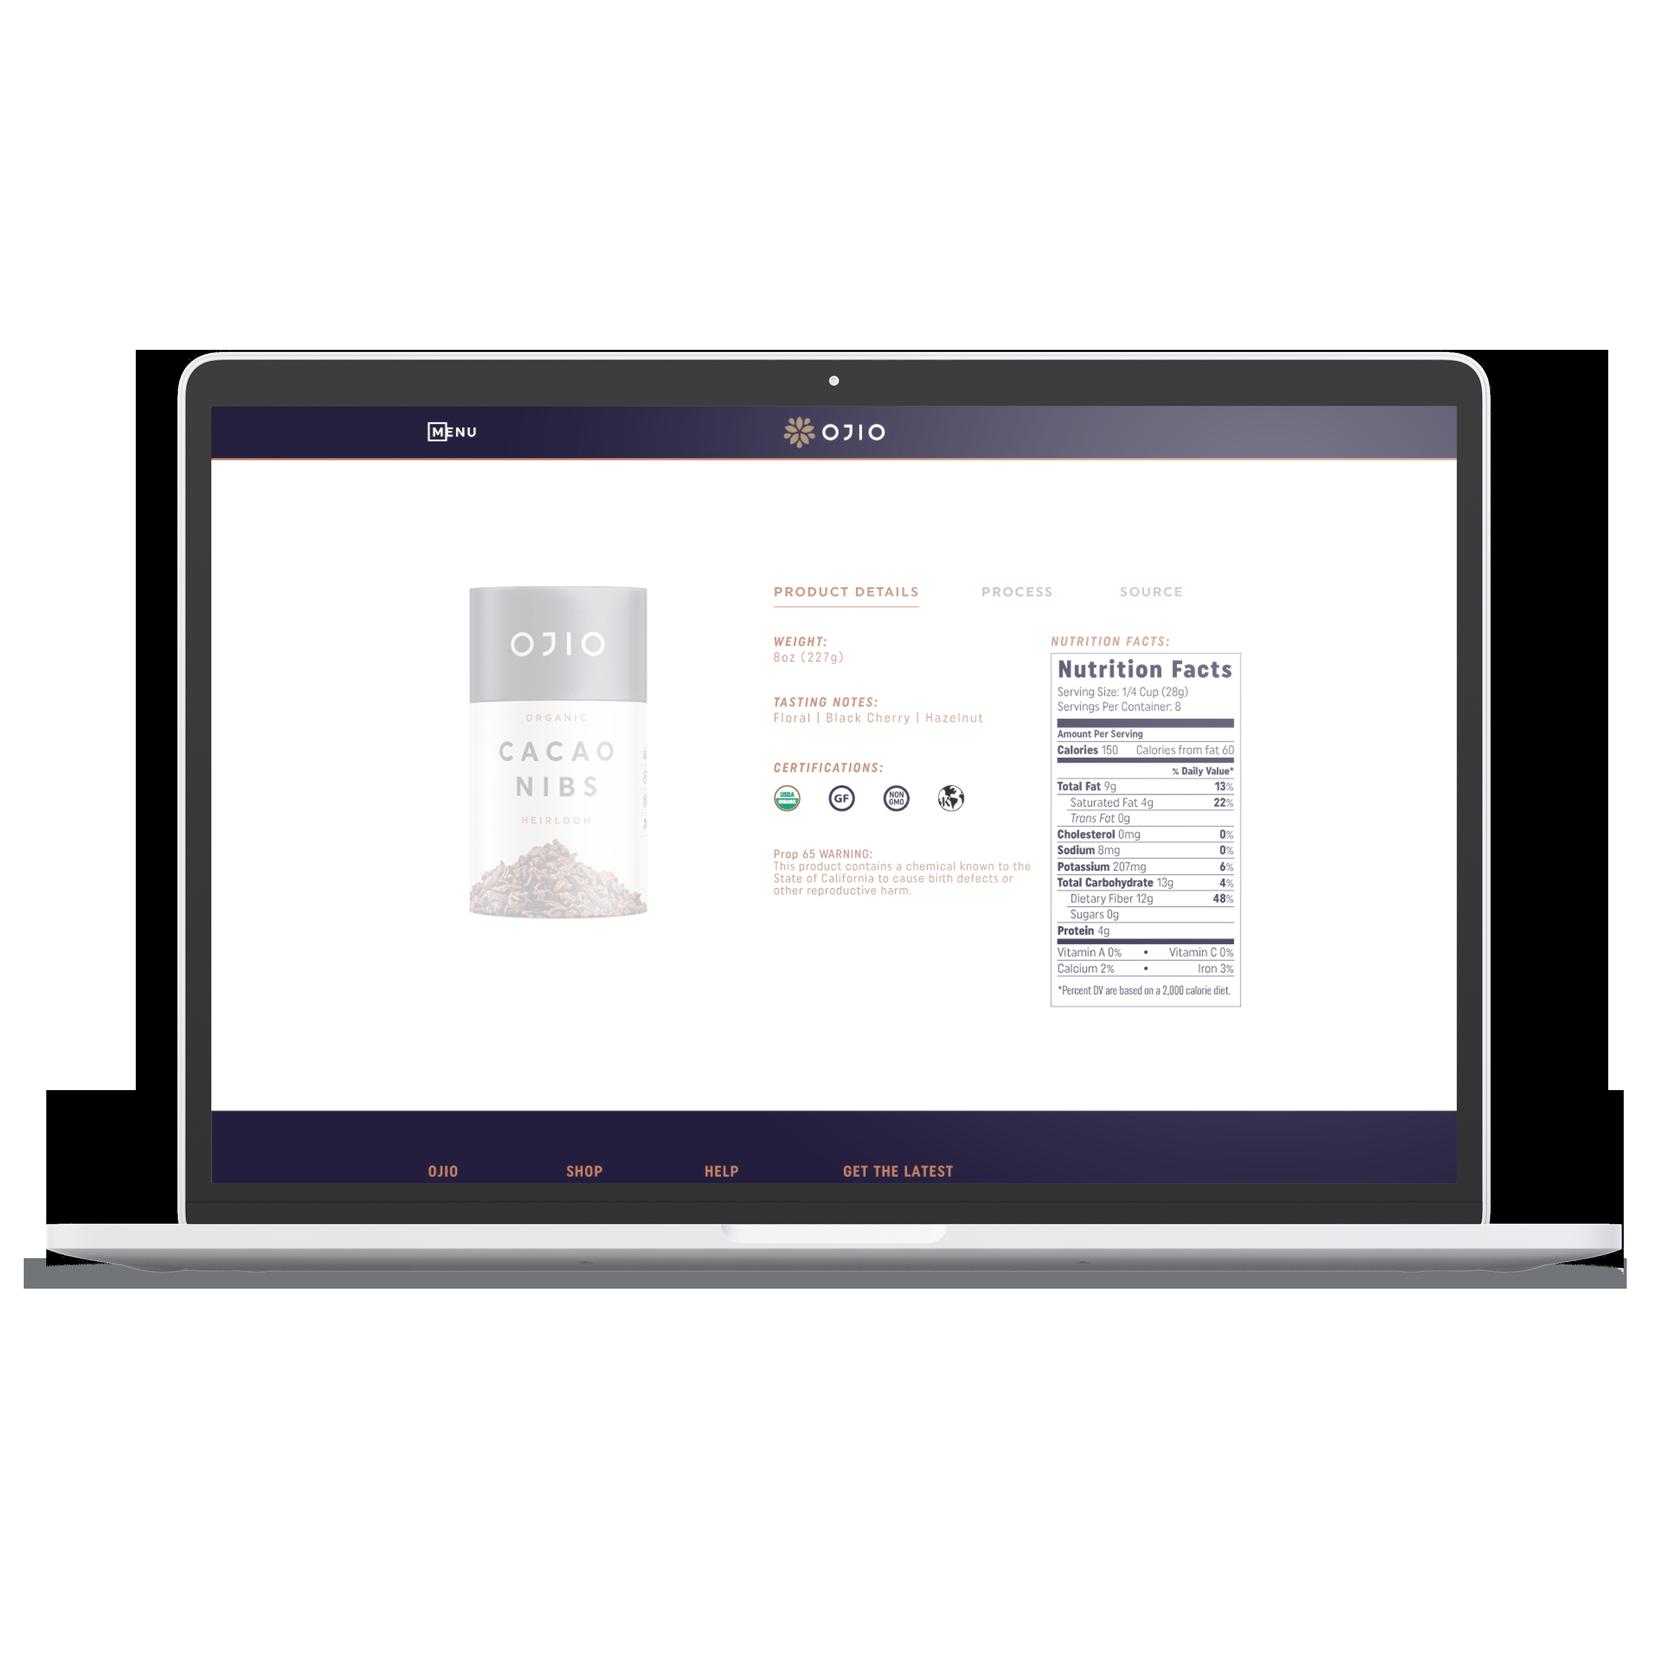 laptop desktop OJIO product page details nutrition facts